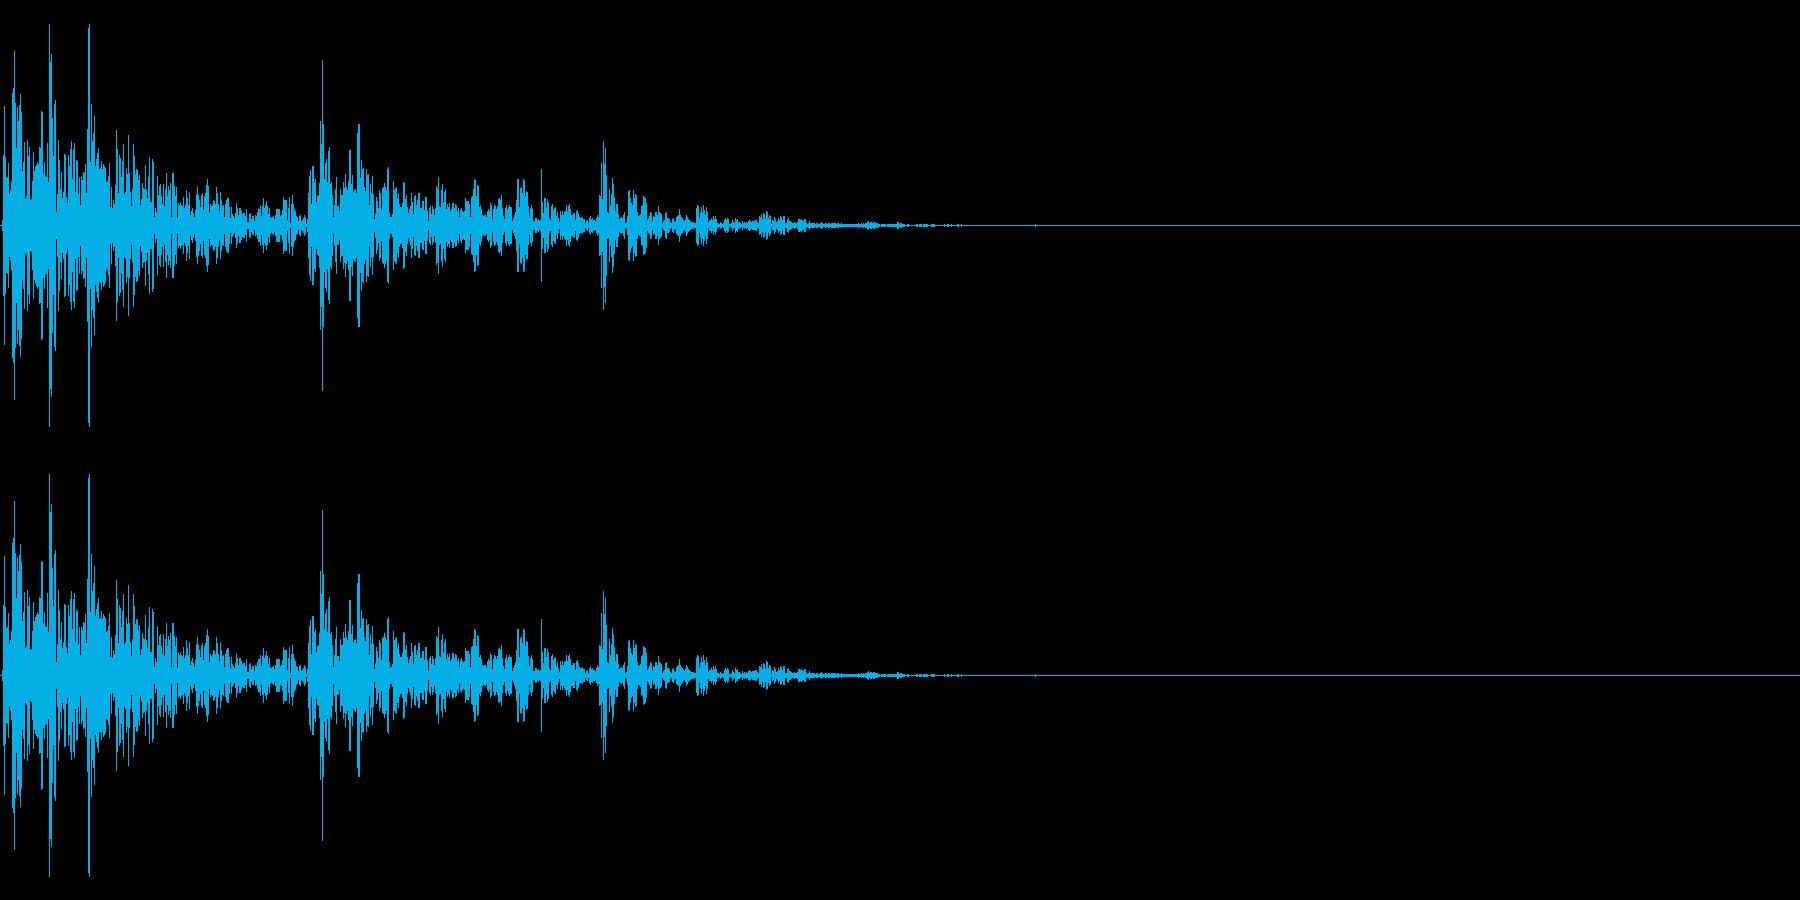 【生録音】サイコロを振る音 1の再生済みの波形